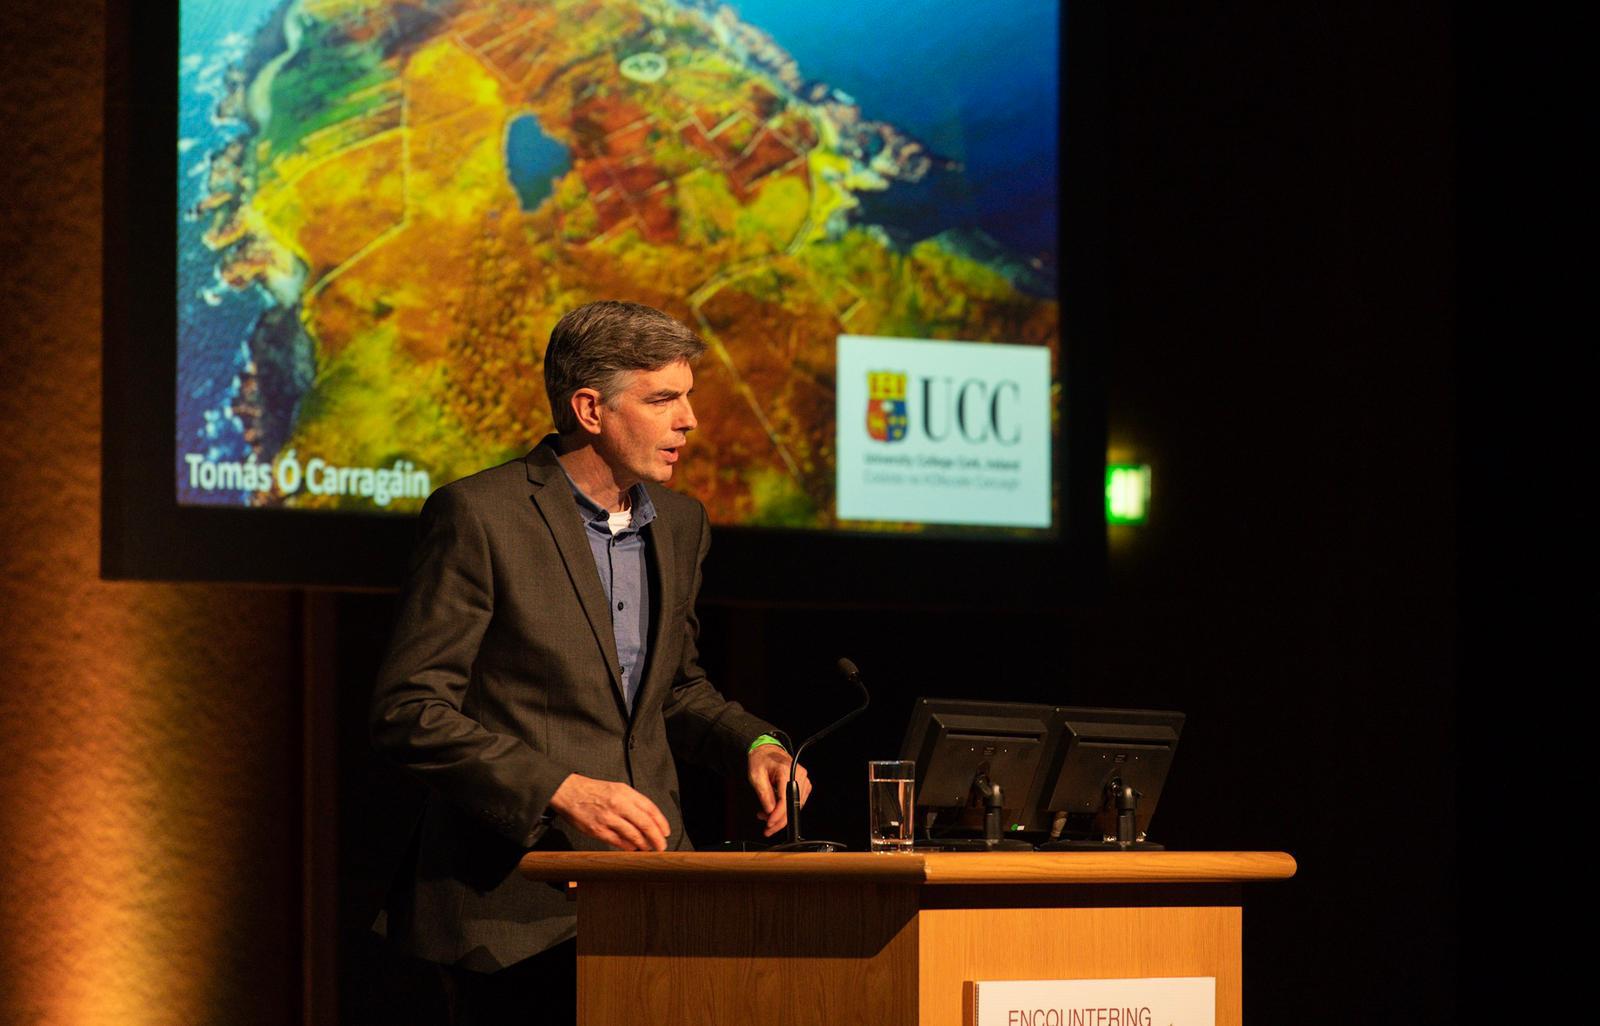 Dr Tomás Ó Carragáin, UCC